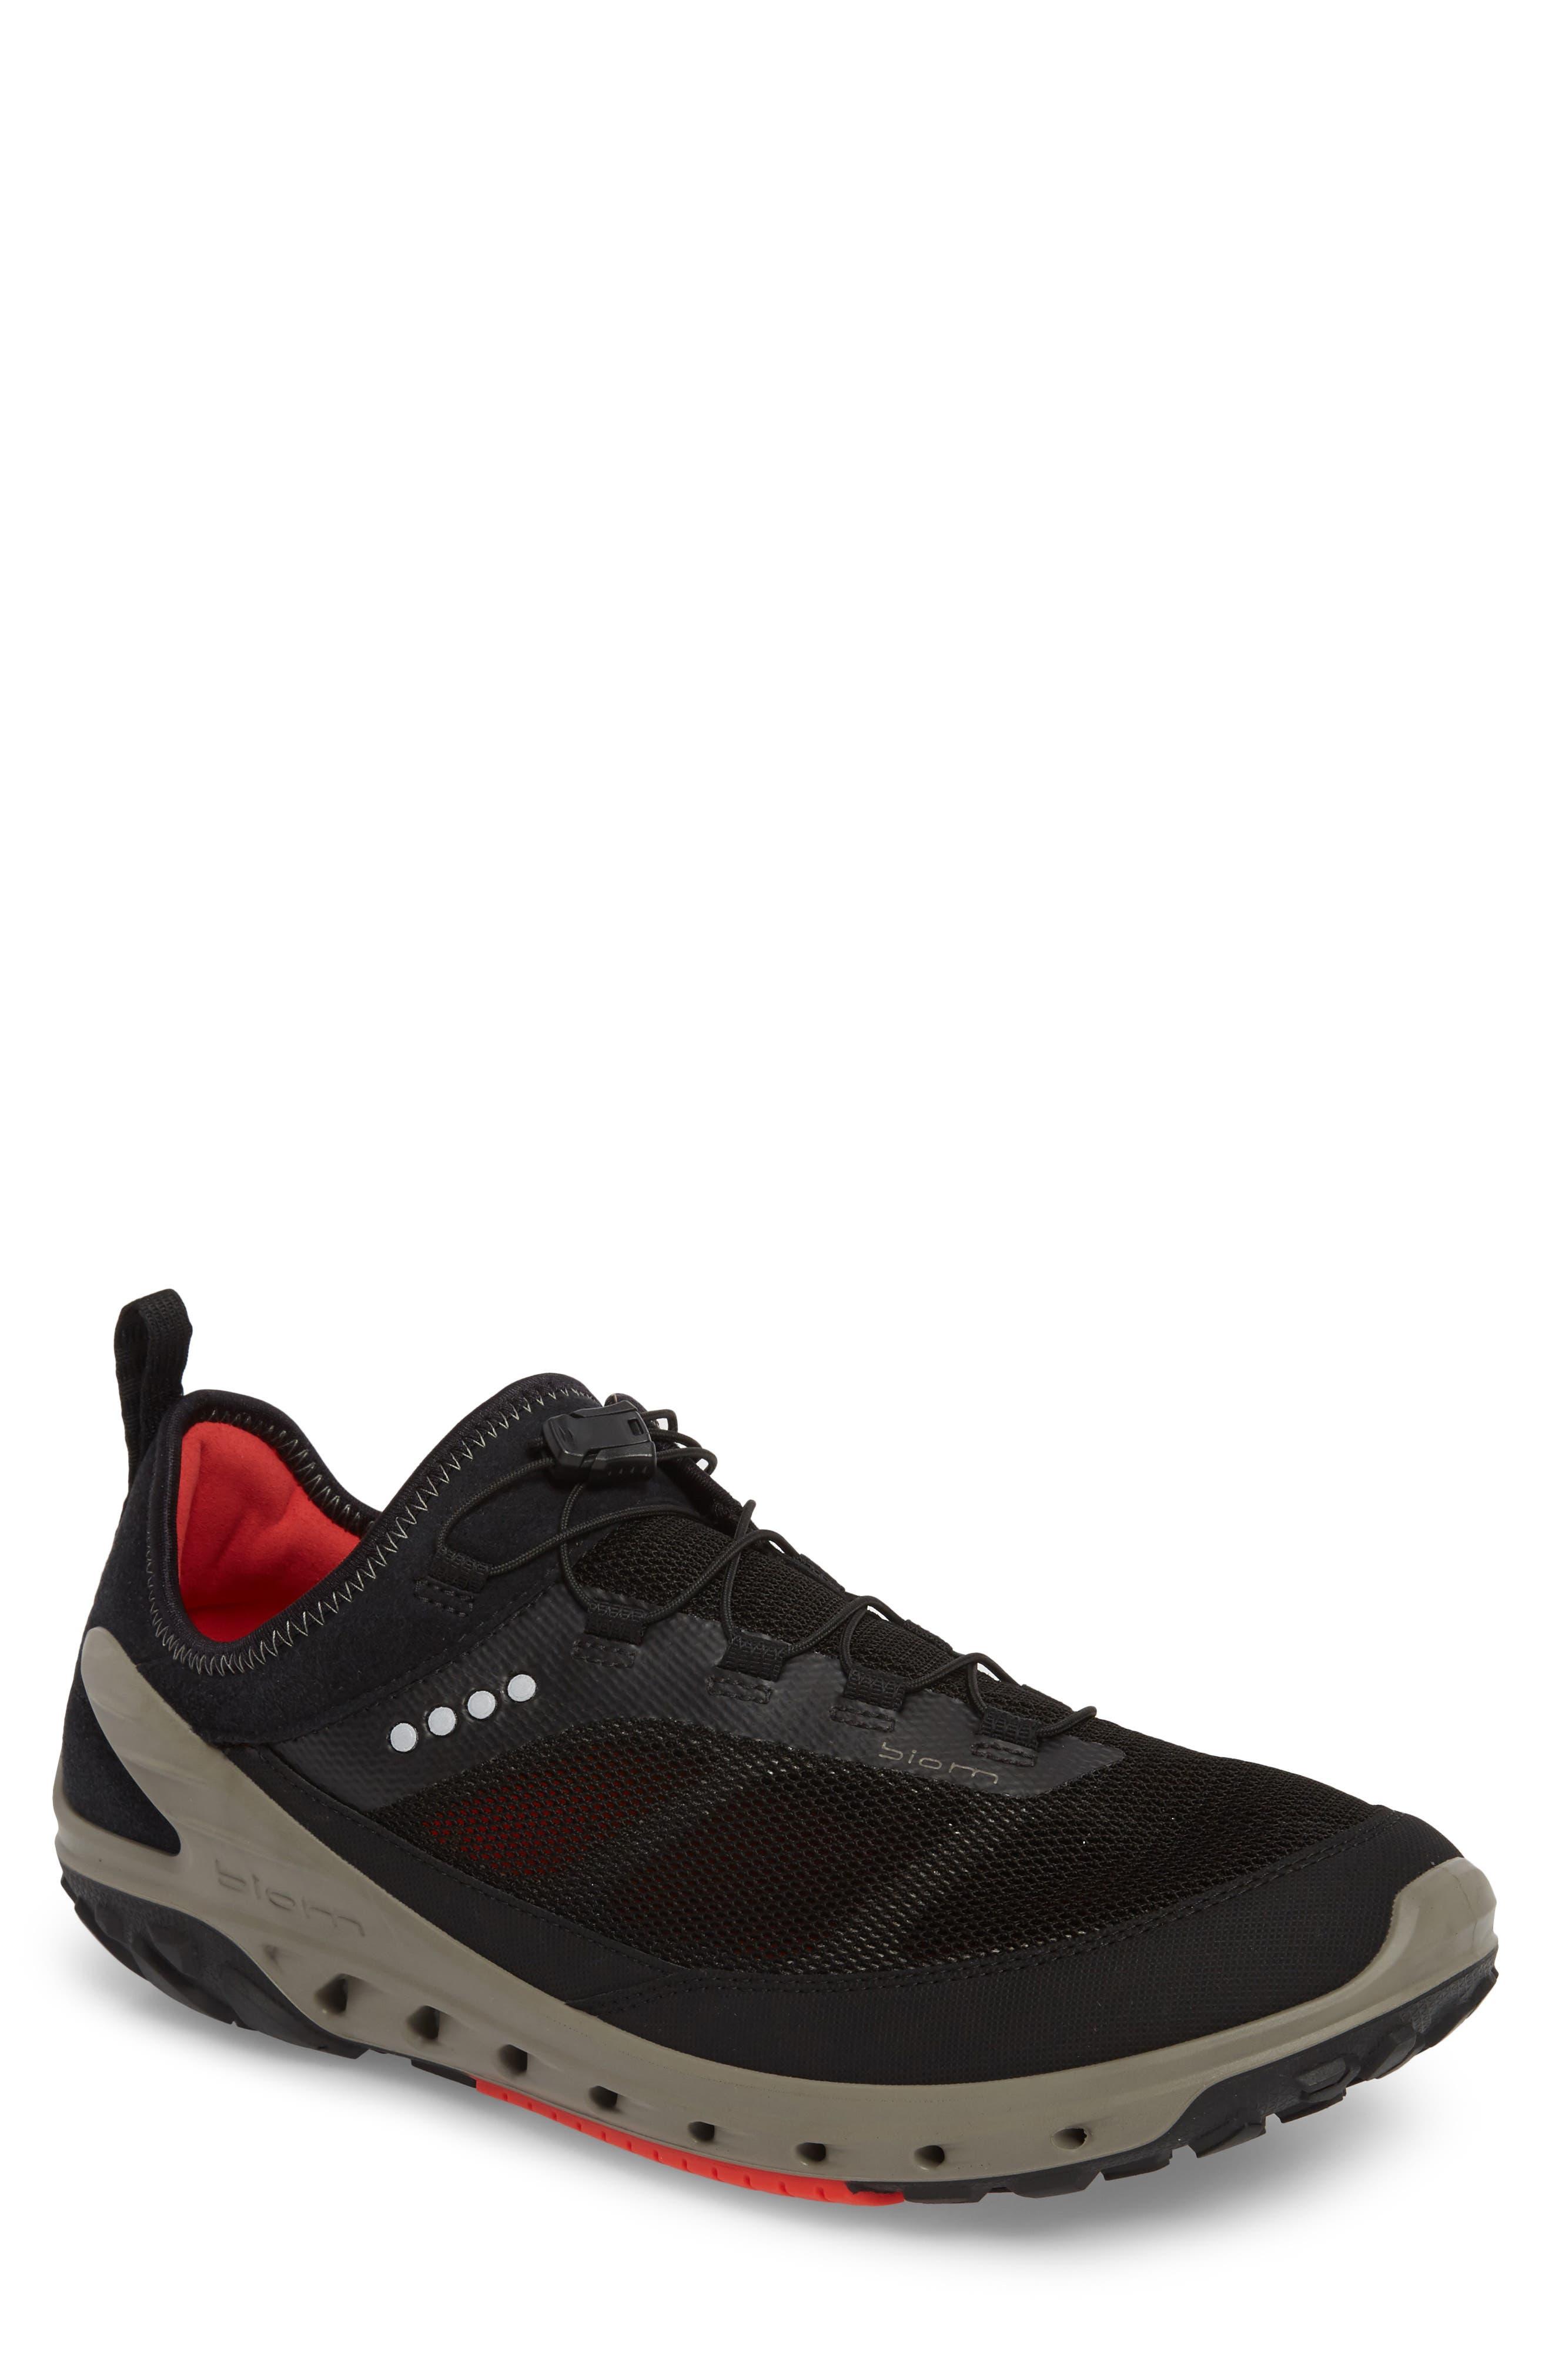 Biom Venture Sneaker,                             Main thumbnail 1, color,